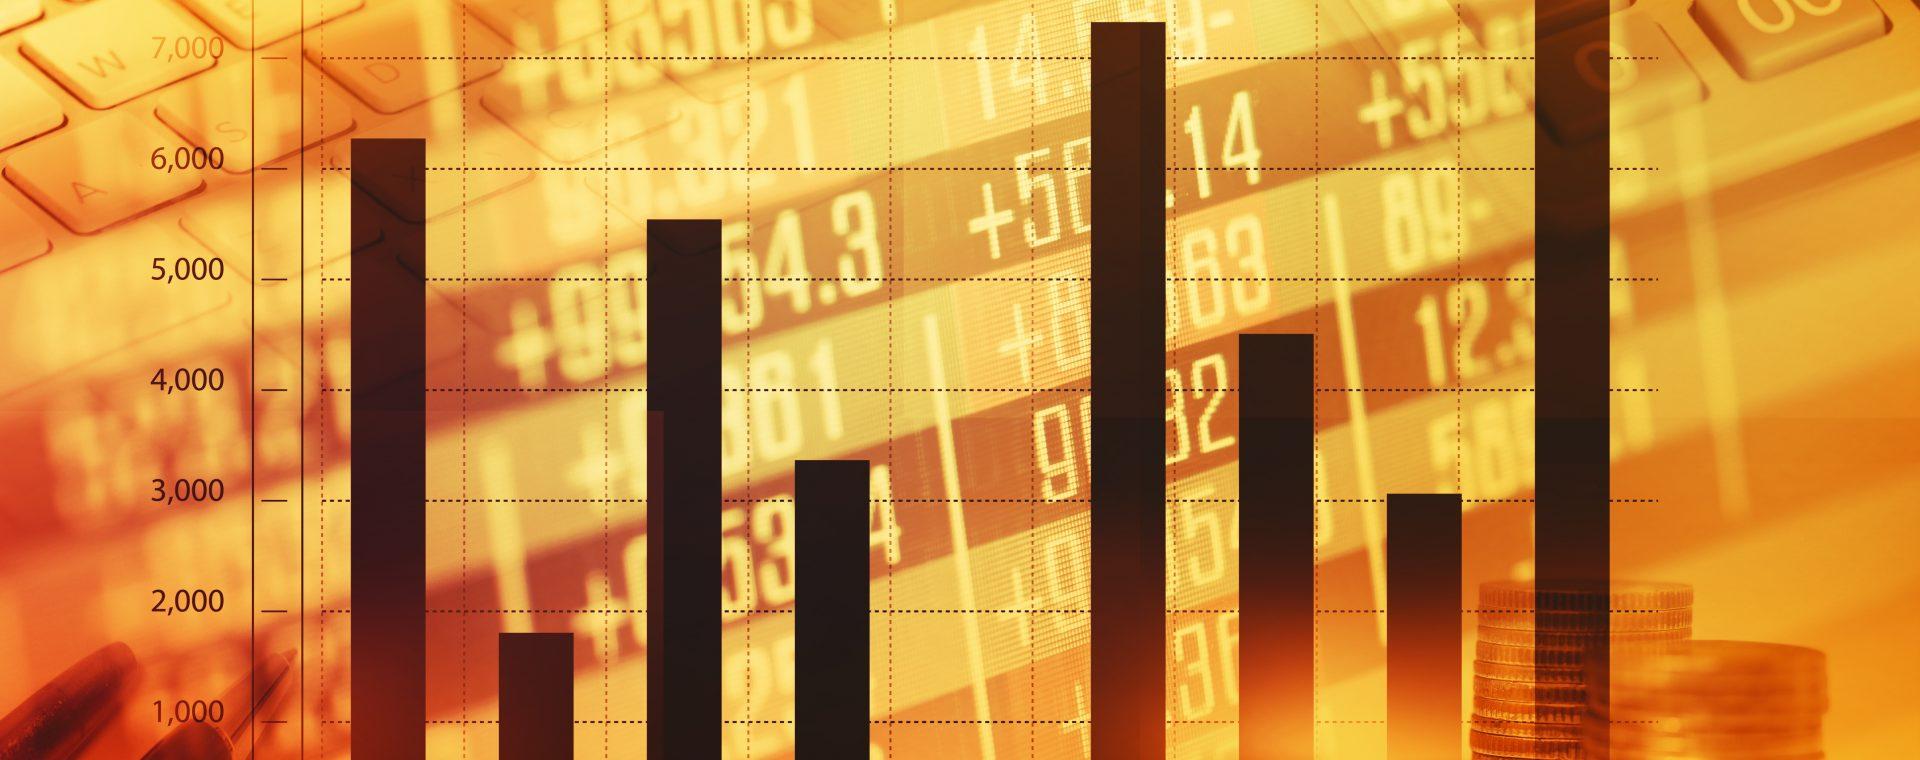 Industria 4.0: nuove agevolazioni e incentivi nella Legge di Bilancio 2019